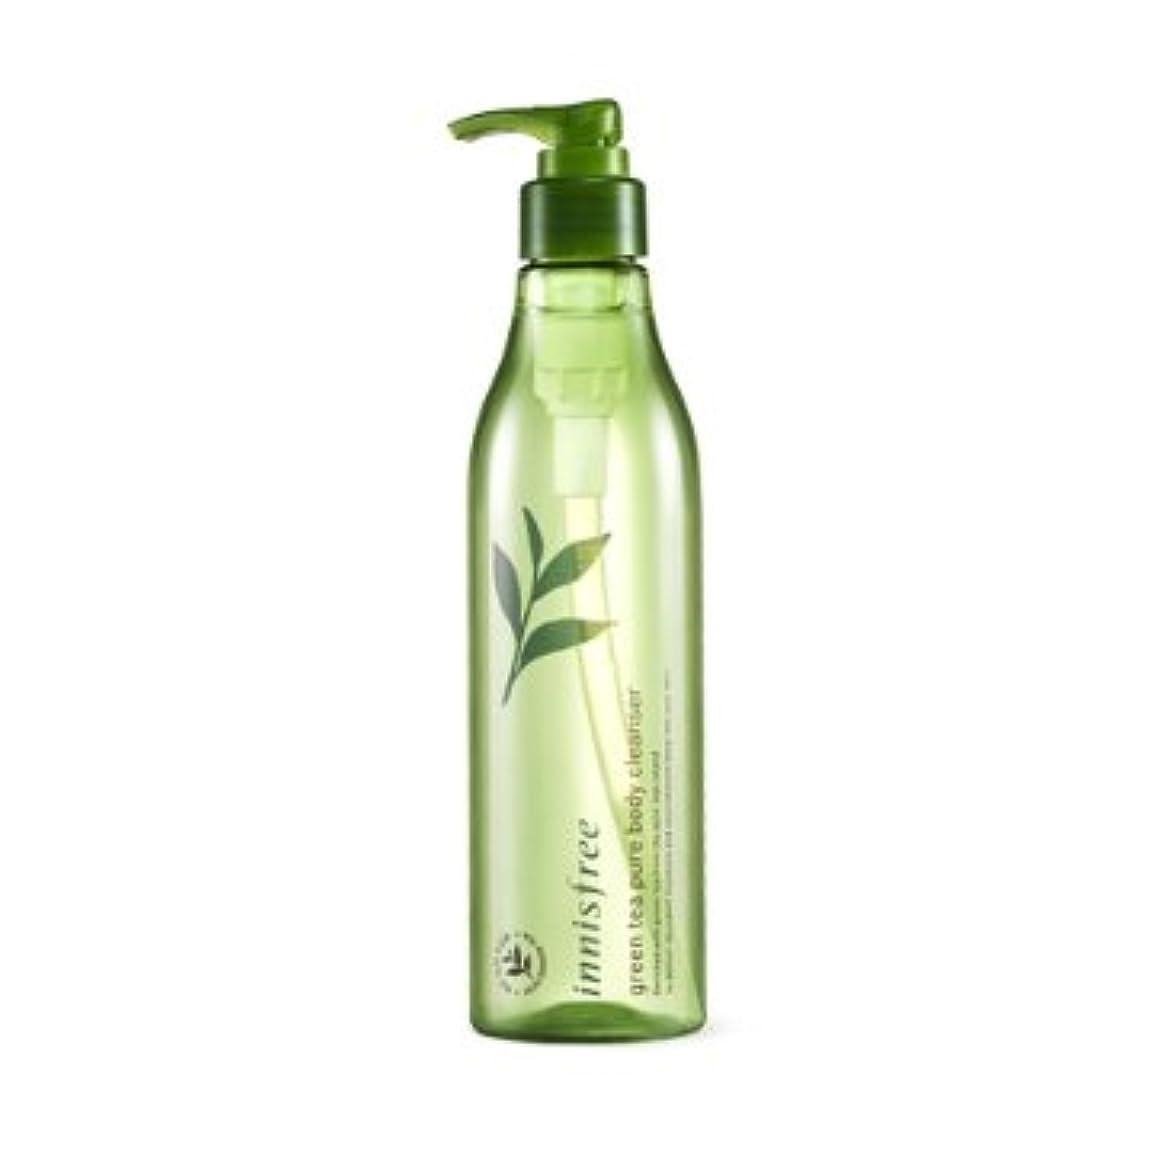 驚きベリ適度に【イニスフリー】Innisfree green tea pure body cleanser - 300ml (韓国直送品) (SHOPPINGINSTAGRAM)